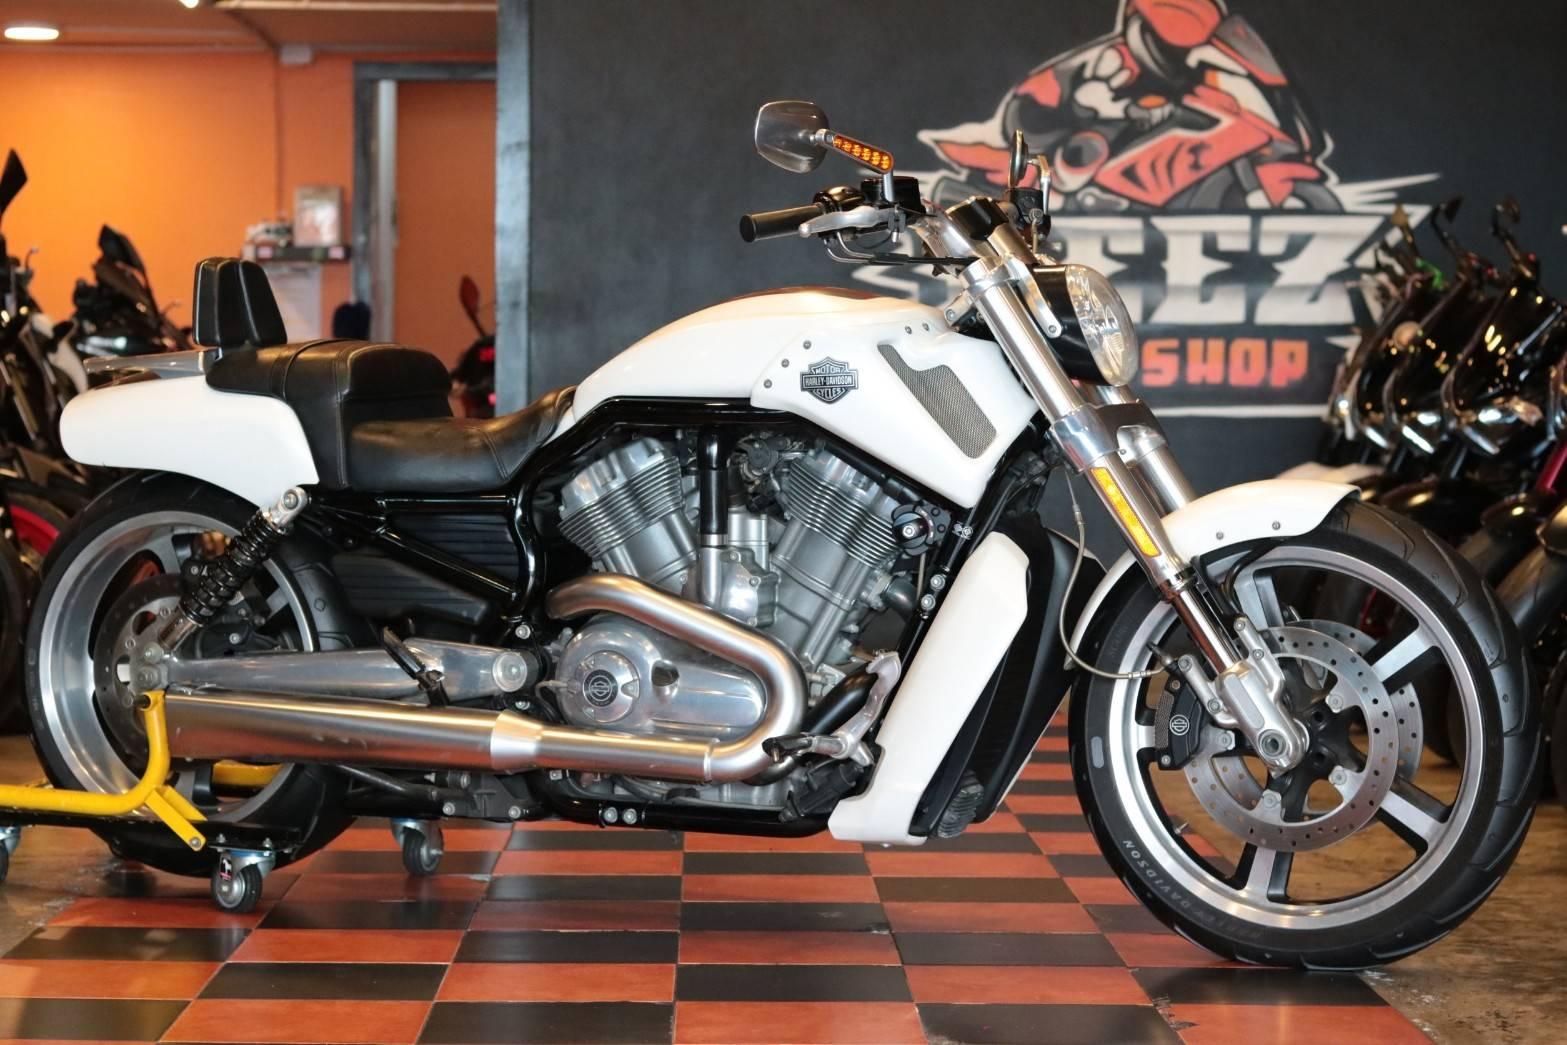 ขาย Harley-Davidson V-Rod Muscle ปี 2011 สภาพป้ายแดง8000โล